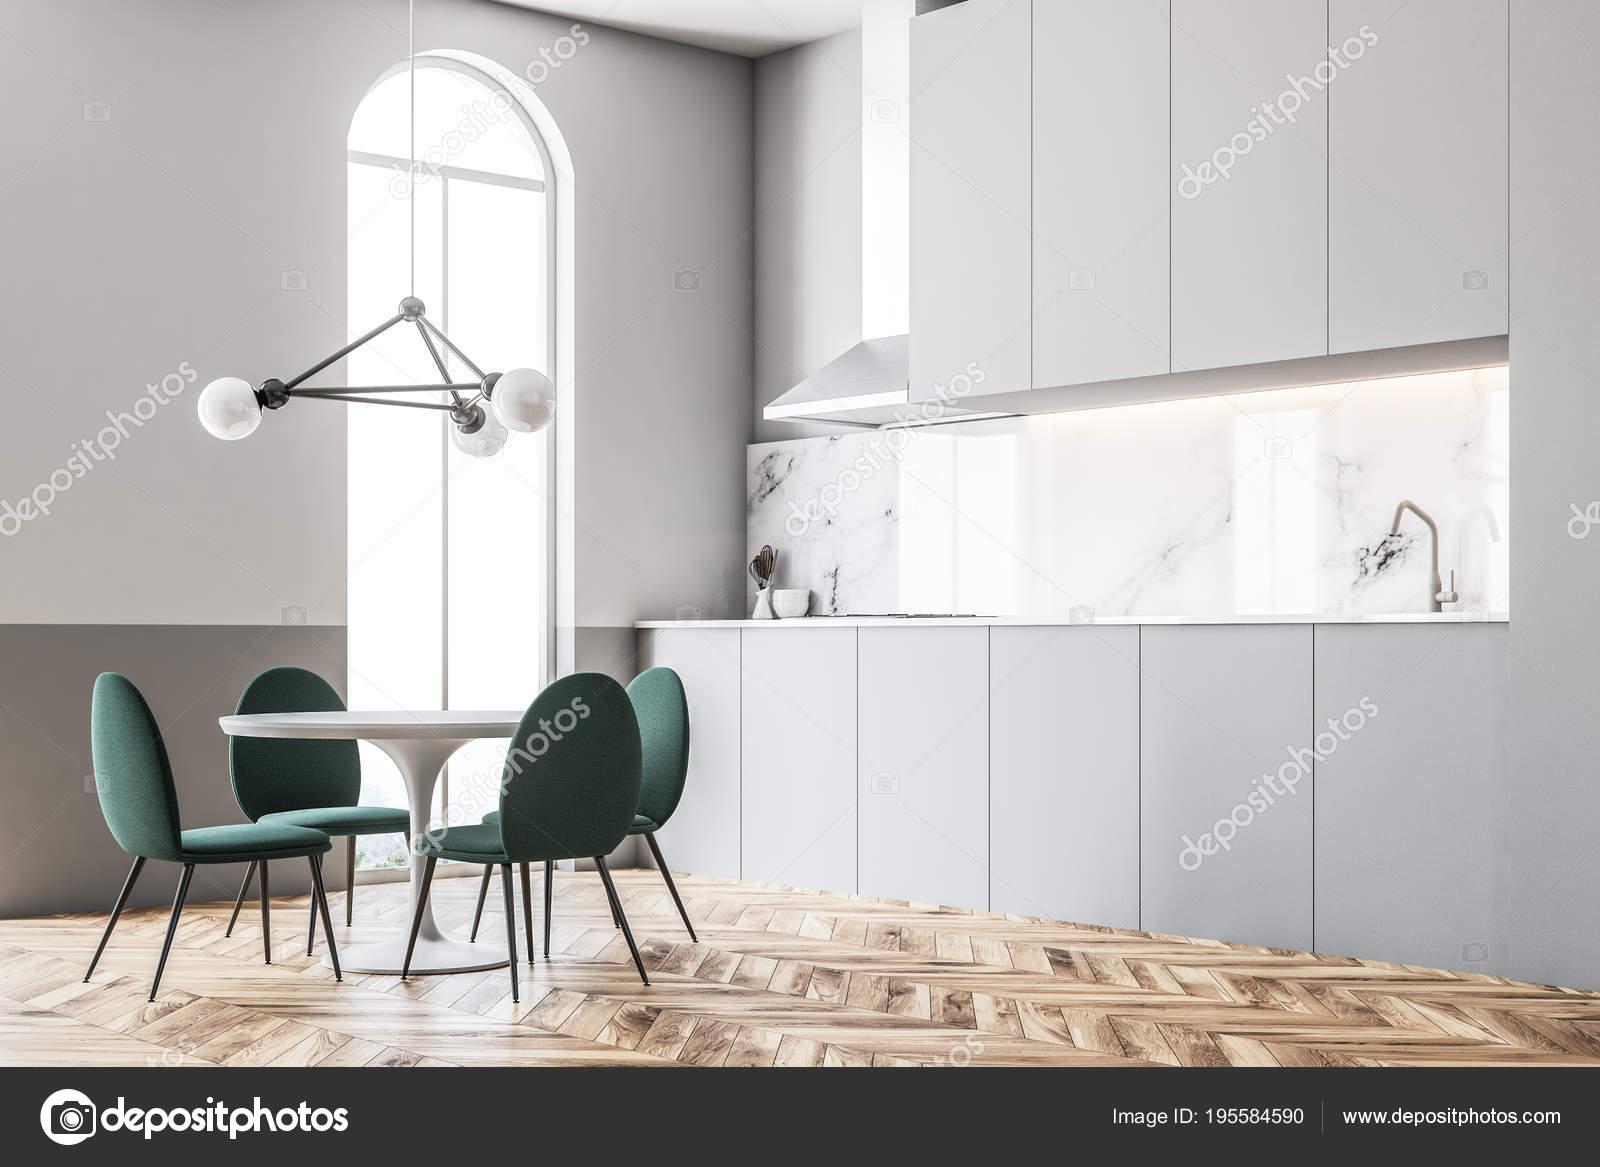 Grune Stuhle Esszimmer Gewolbt Eckfenster Stockfoto